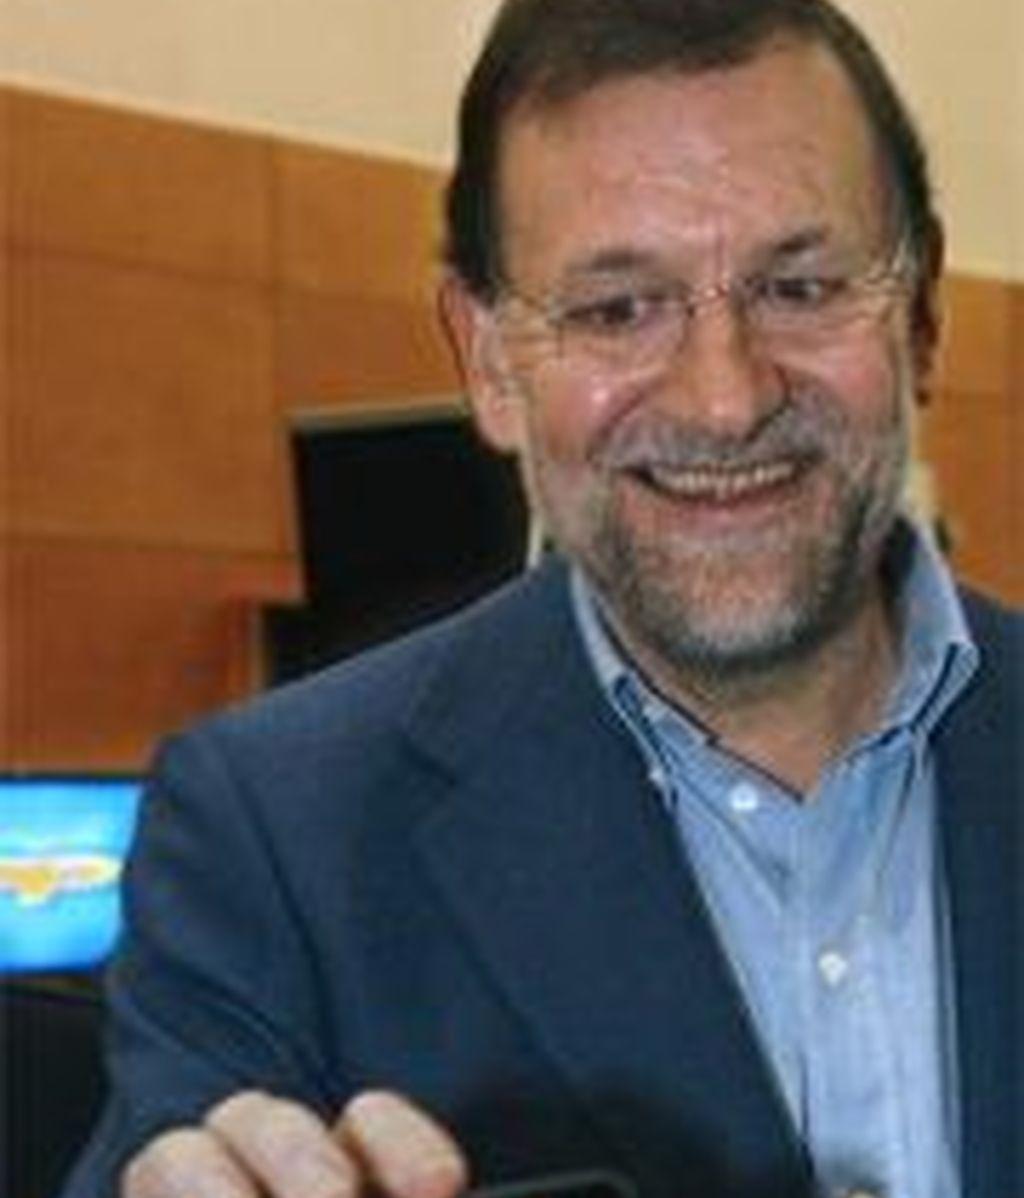 Rajoy sostiene un ipod con un video suyo en la conferencia del PP sobre tecnologías. EFE